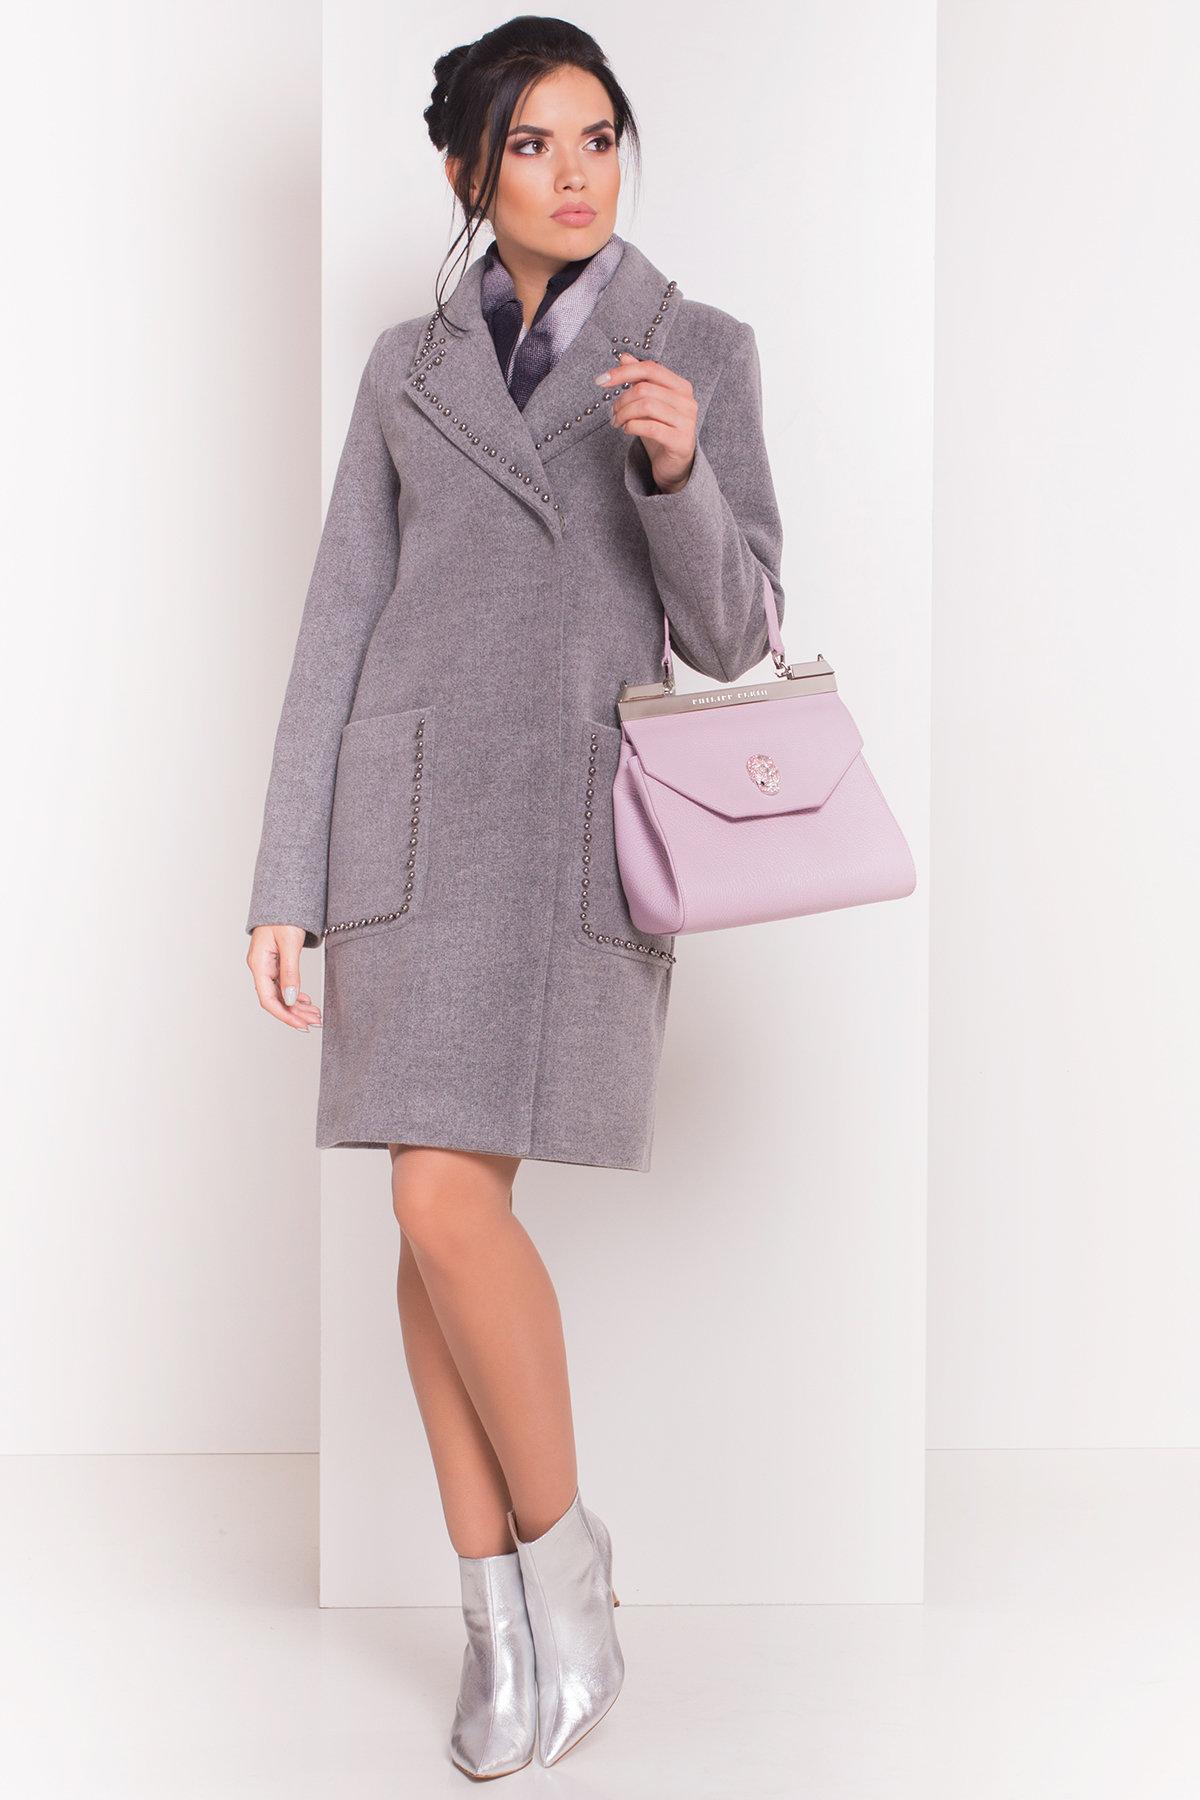 Пальто Кейси 5504 АРТ. 37030 Цвет: Серый 18 - фото 2, интернет магазин tm-modus.ru